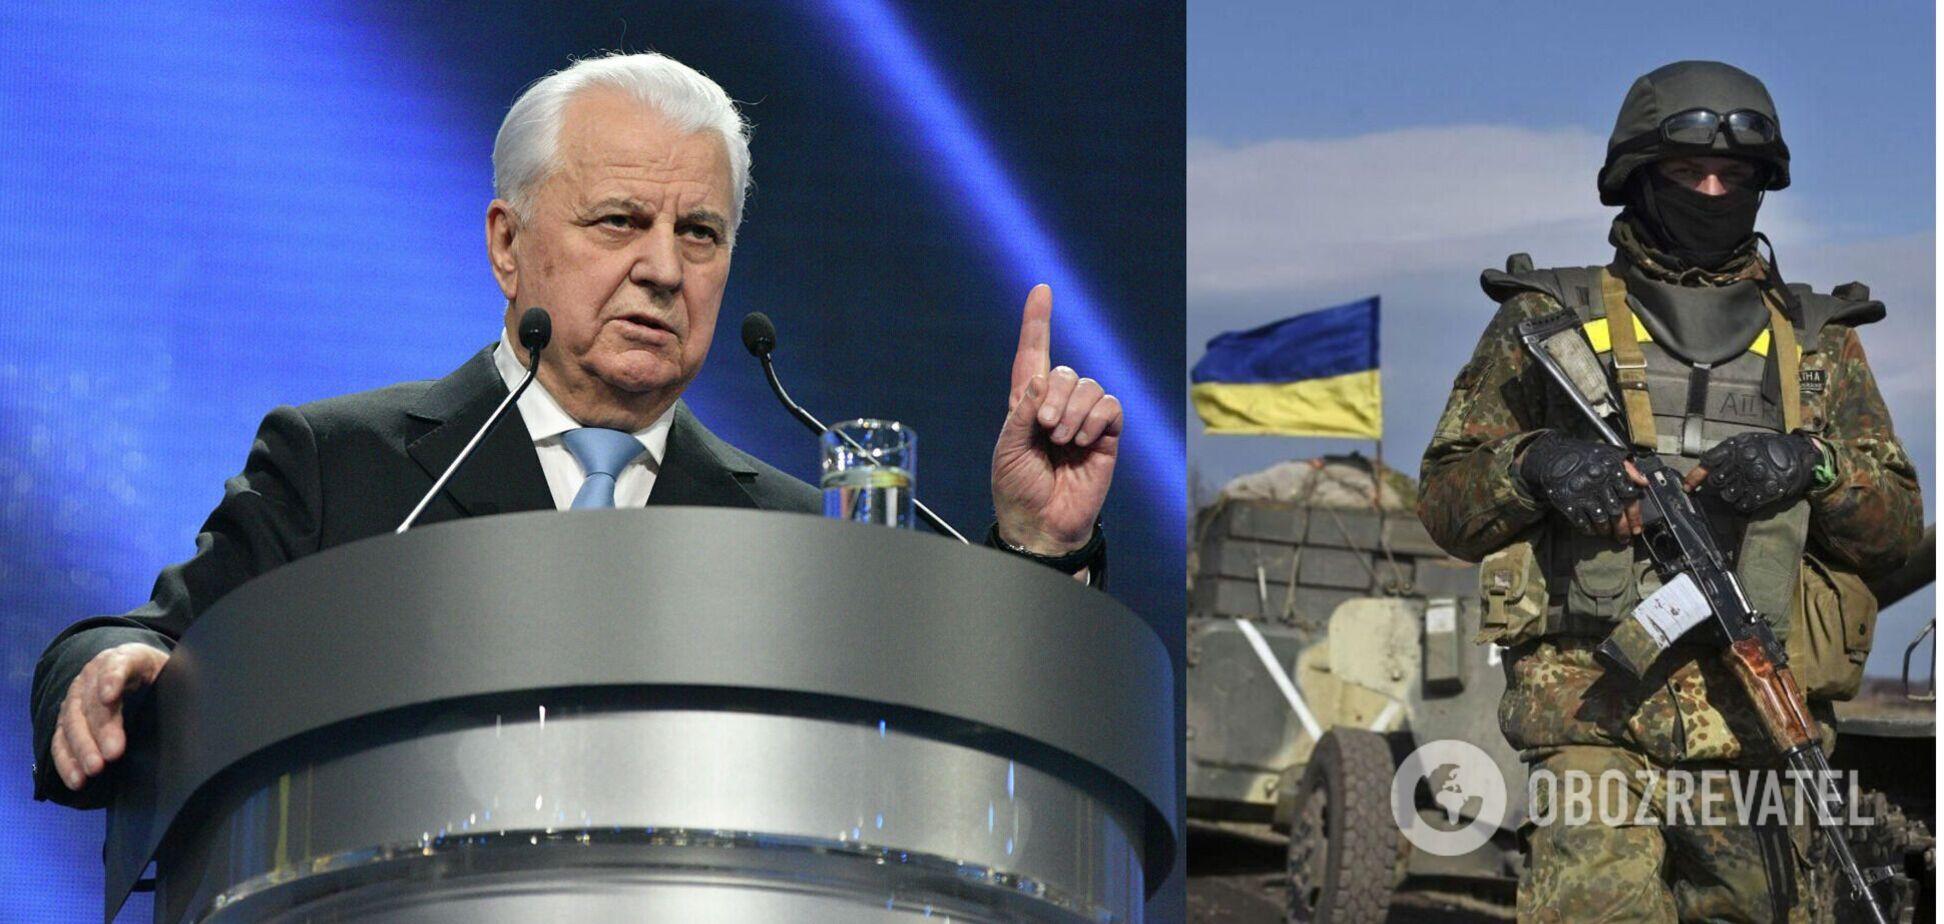 Кравчук на заседании ТКГ пригрозил отвечать противнику силой за огонь по ВСУ